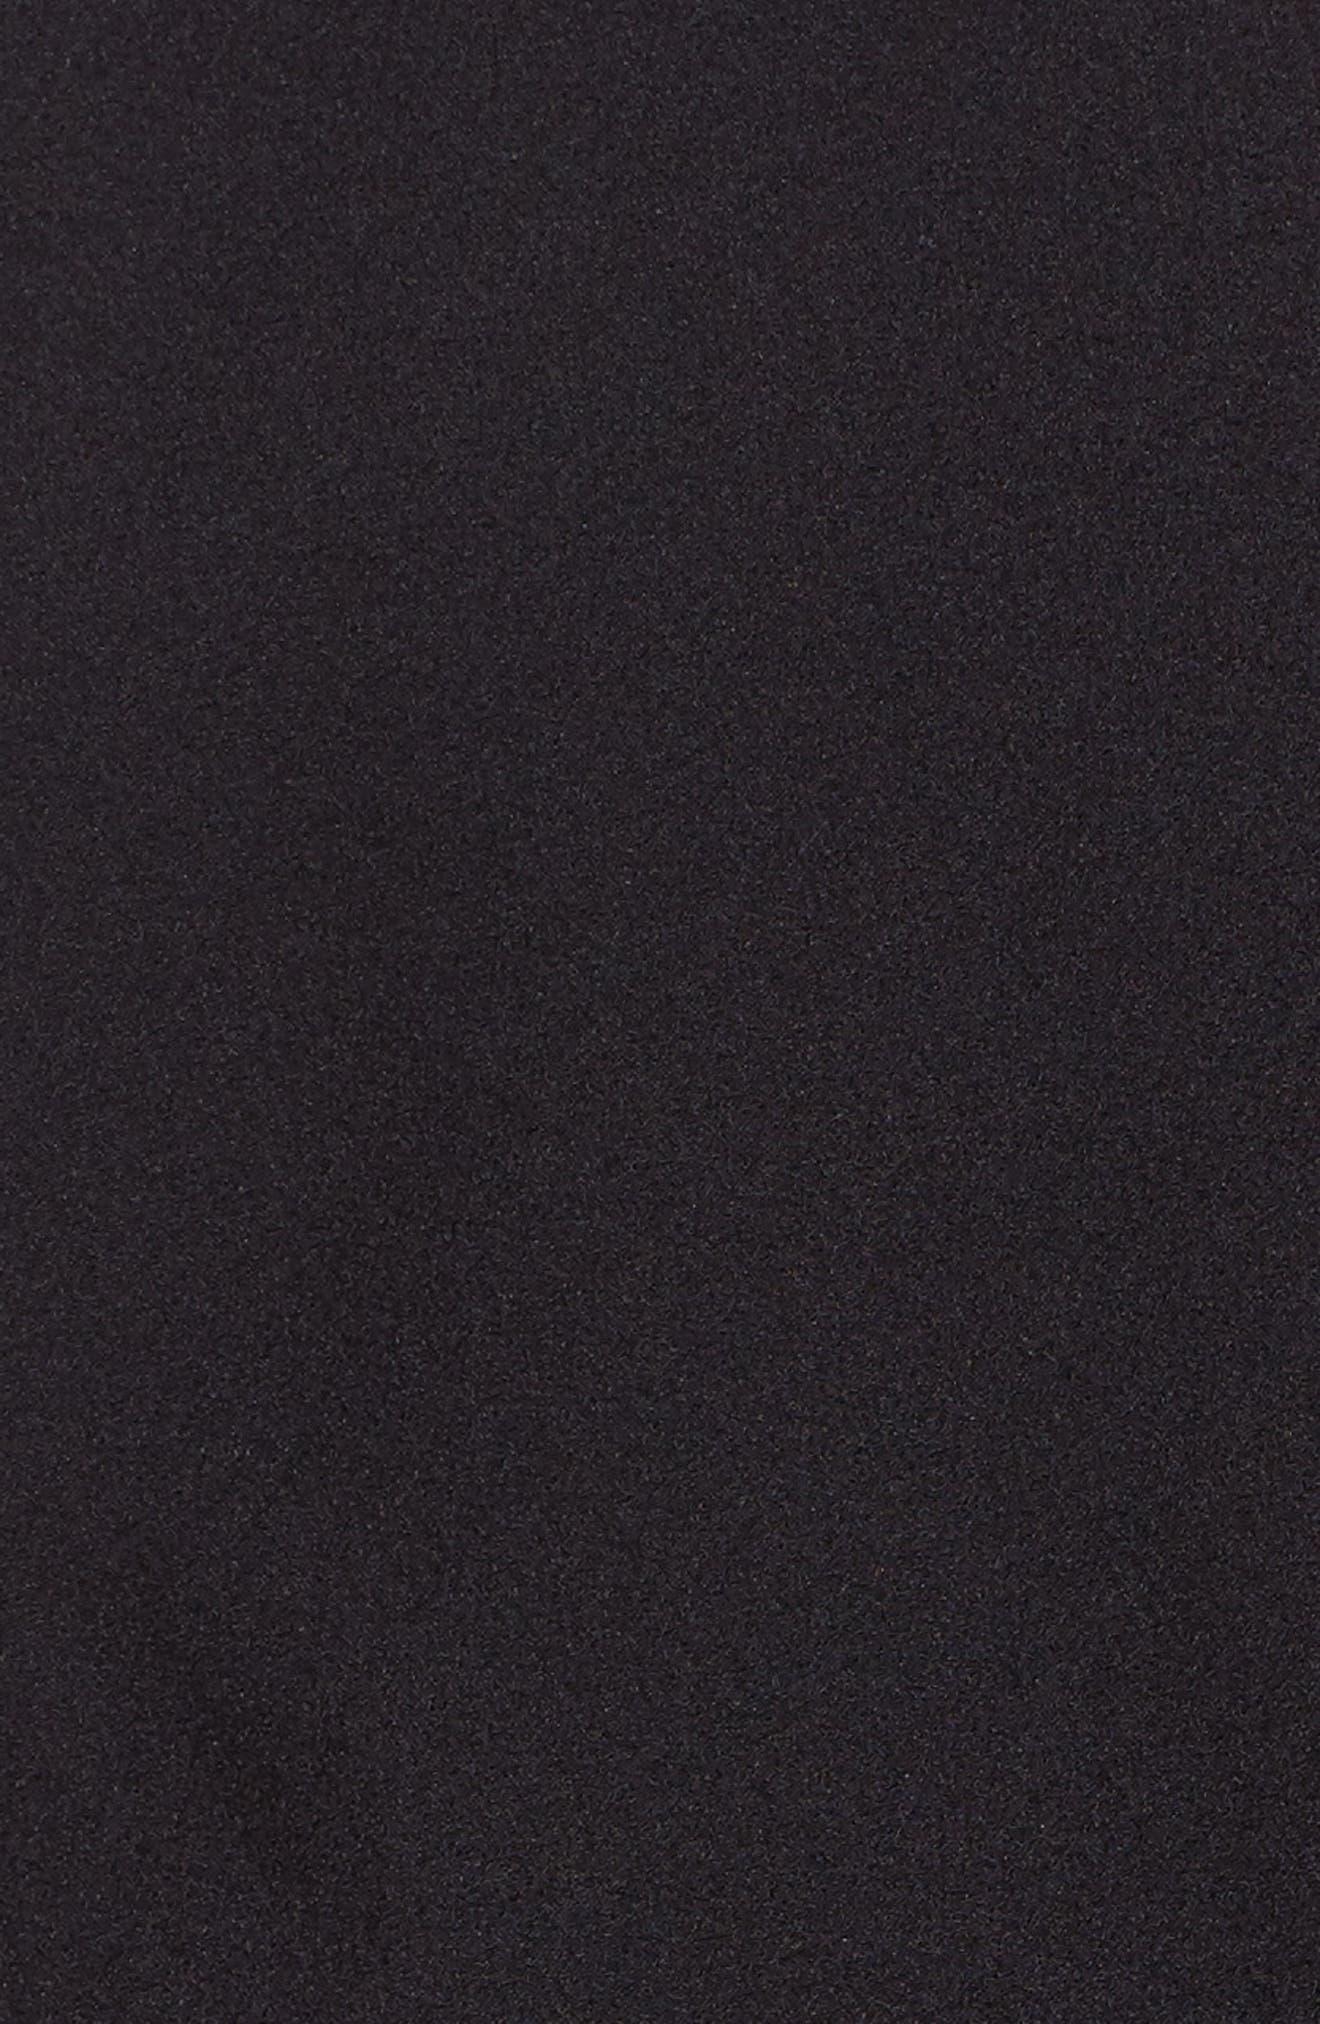 St. Tropez Two-Piece Dress,                             Alternate thumbnail 6, color,                             Black